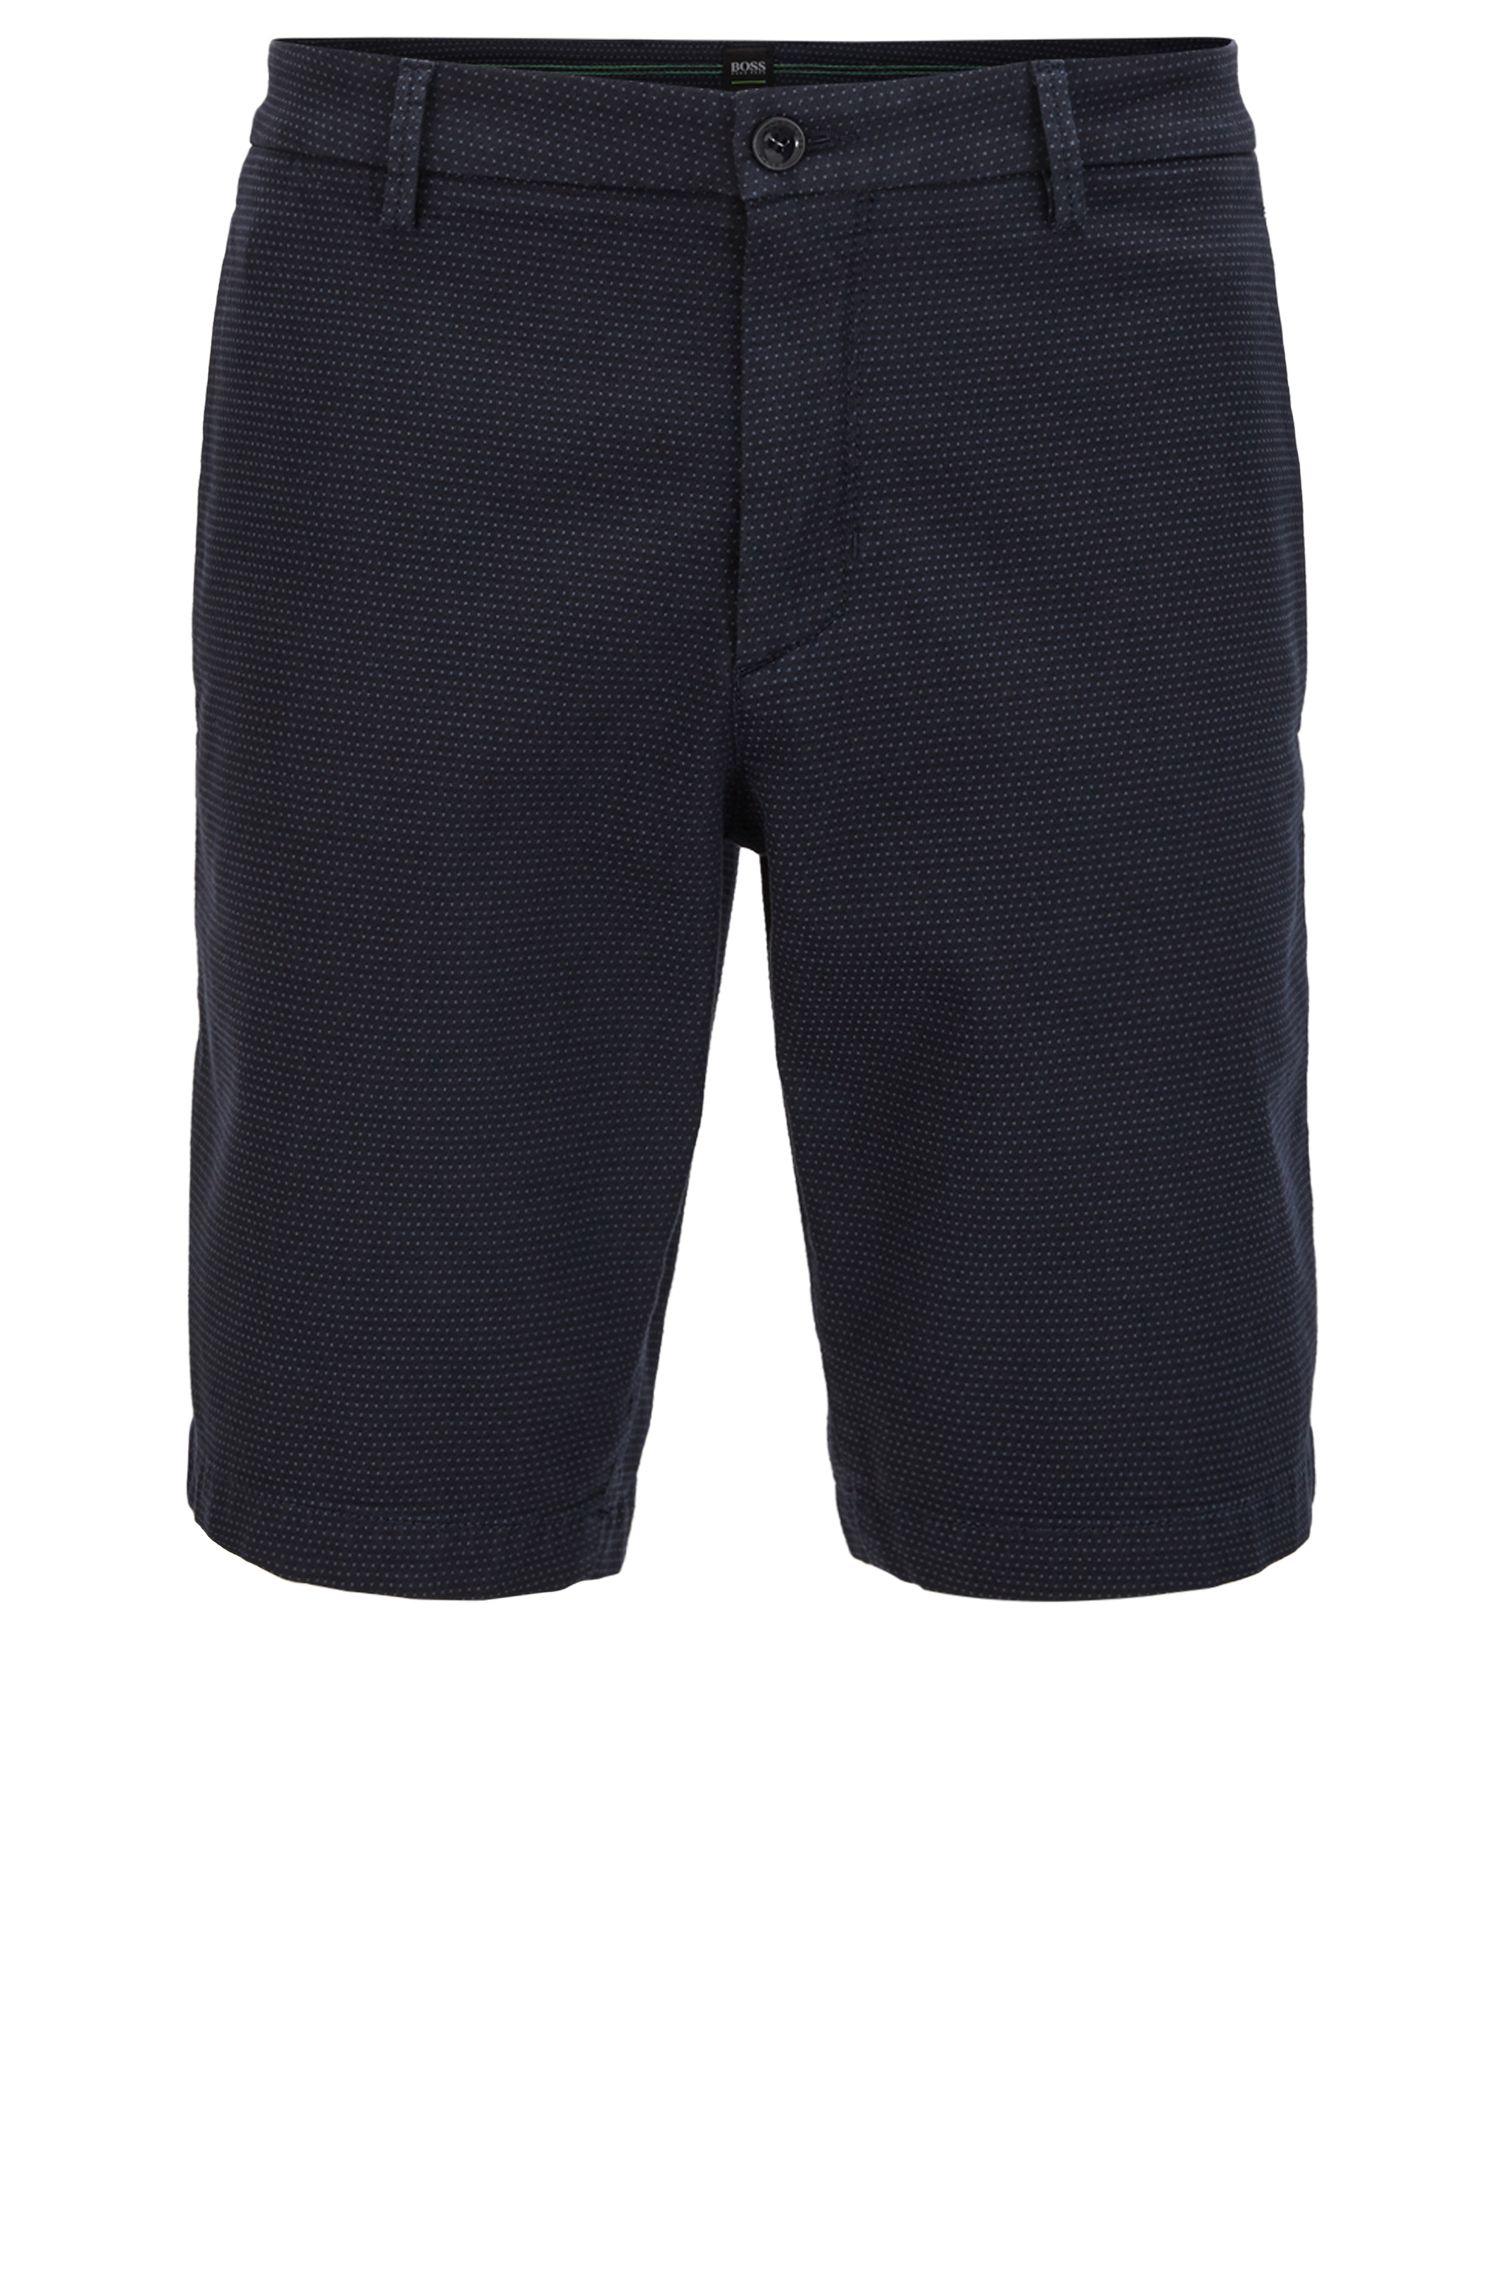 Slim-Fit Shorts aus fein strukturierter Stretch-Baumwolle